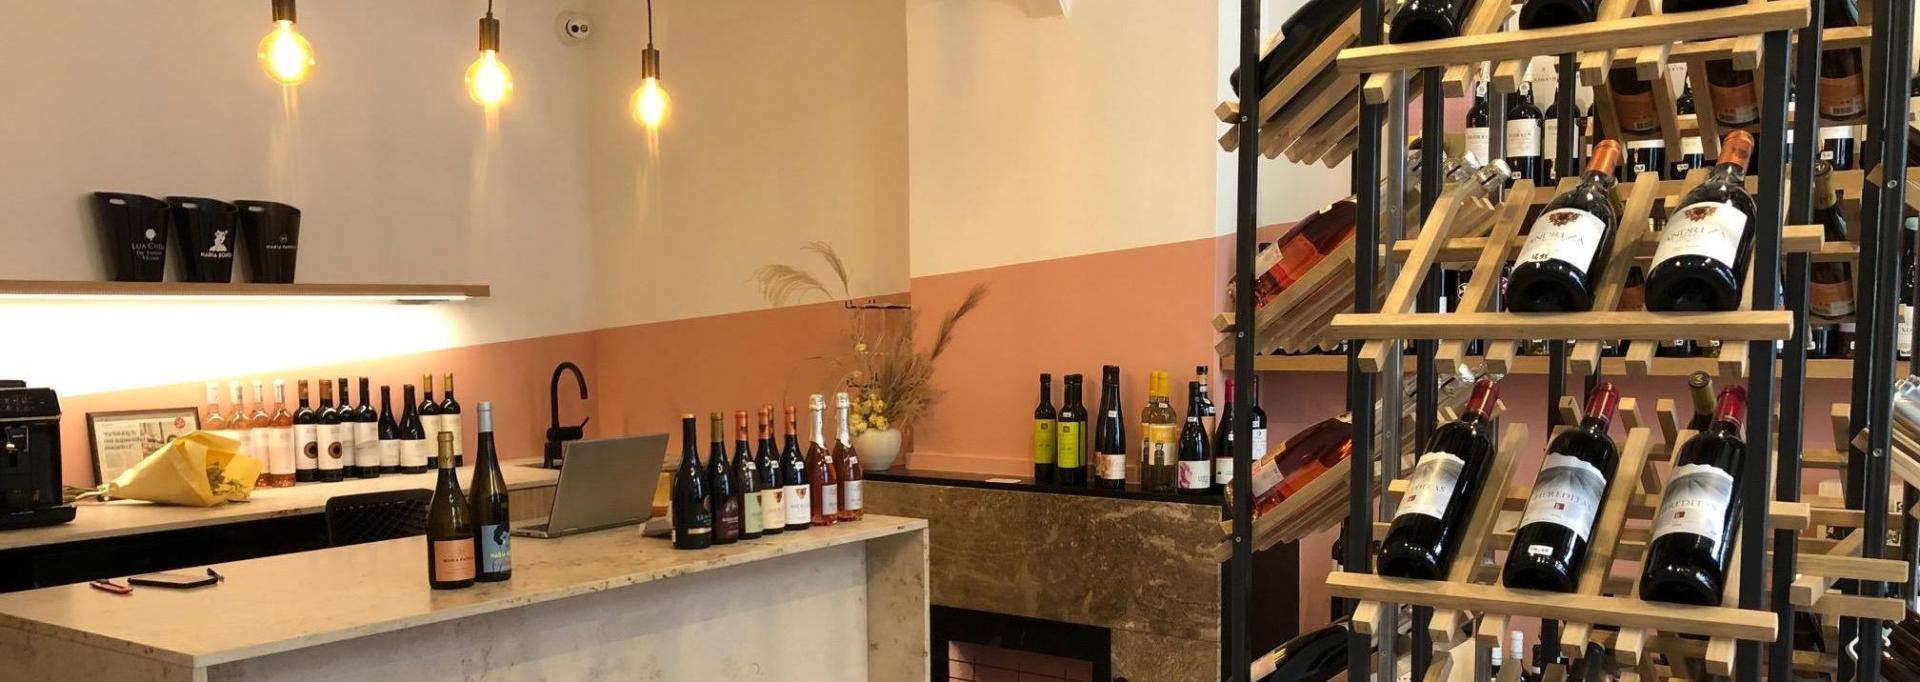 Ambiente Wines - Van woonruimte naar commerciële ruimte